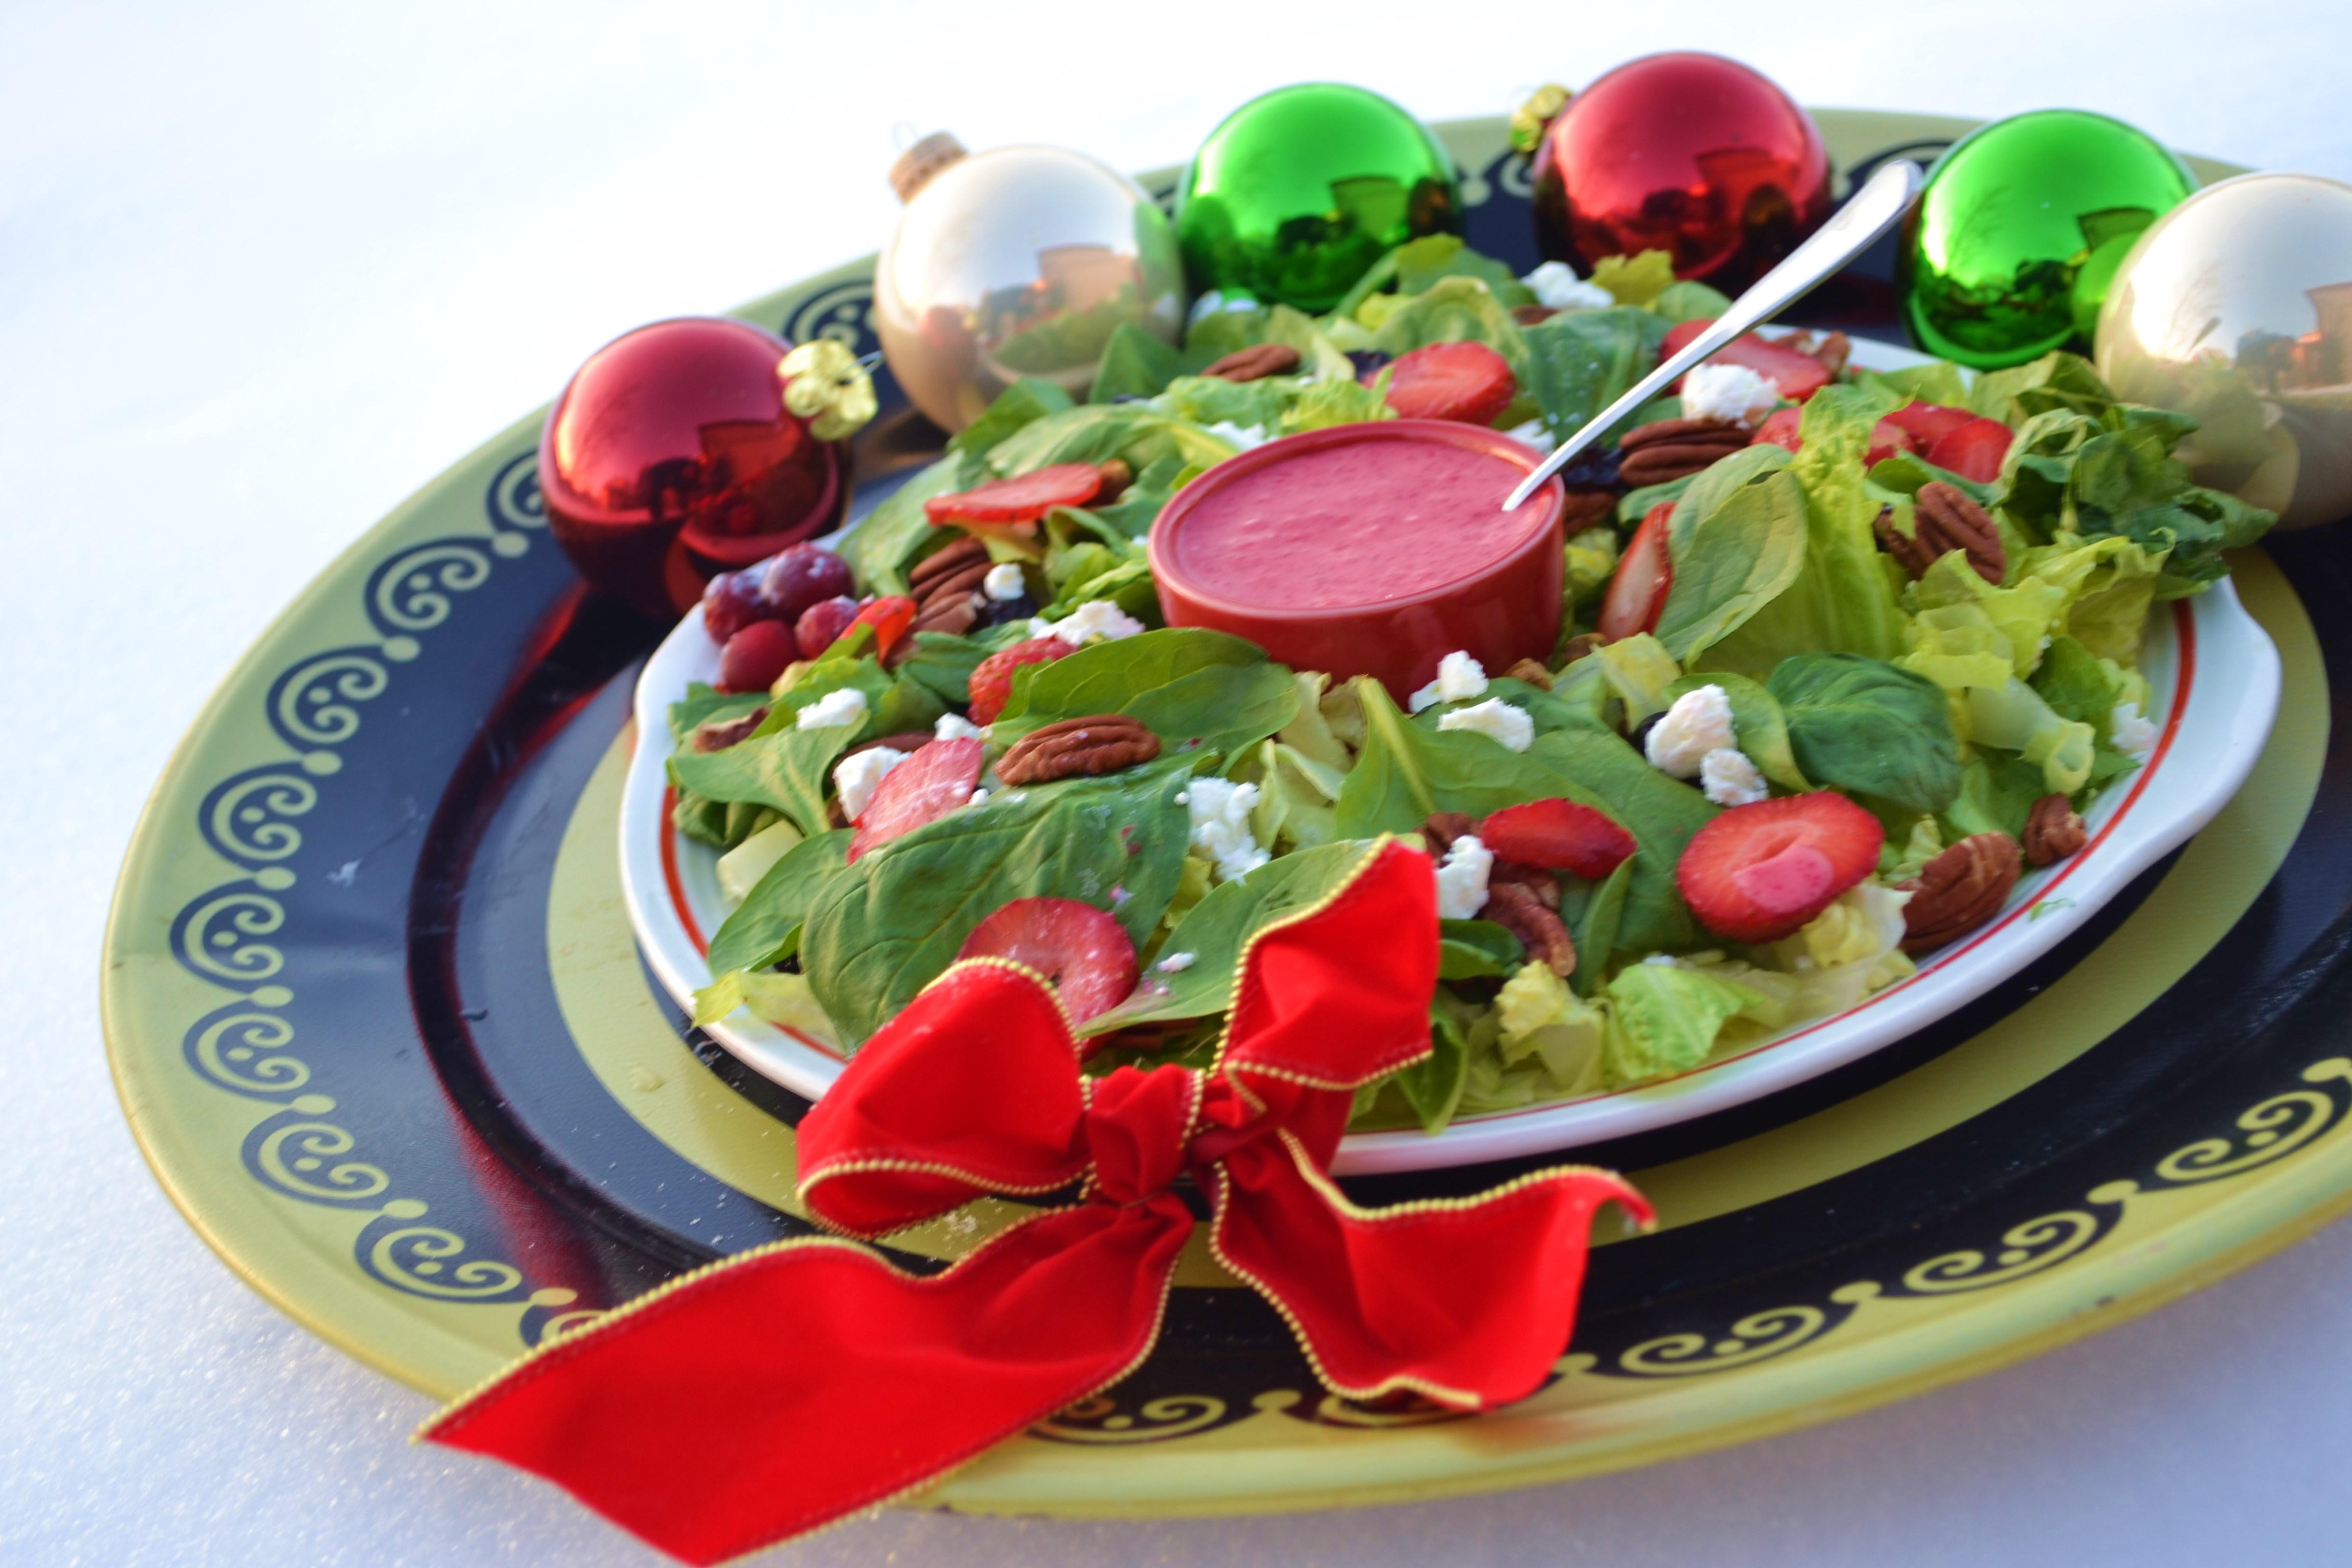 Christmas Wreath Salad With Cranberry Orange Vinaigrette We Laugh